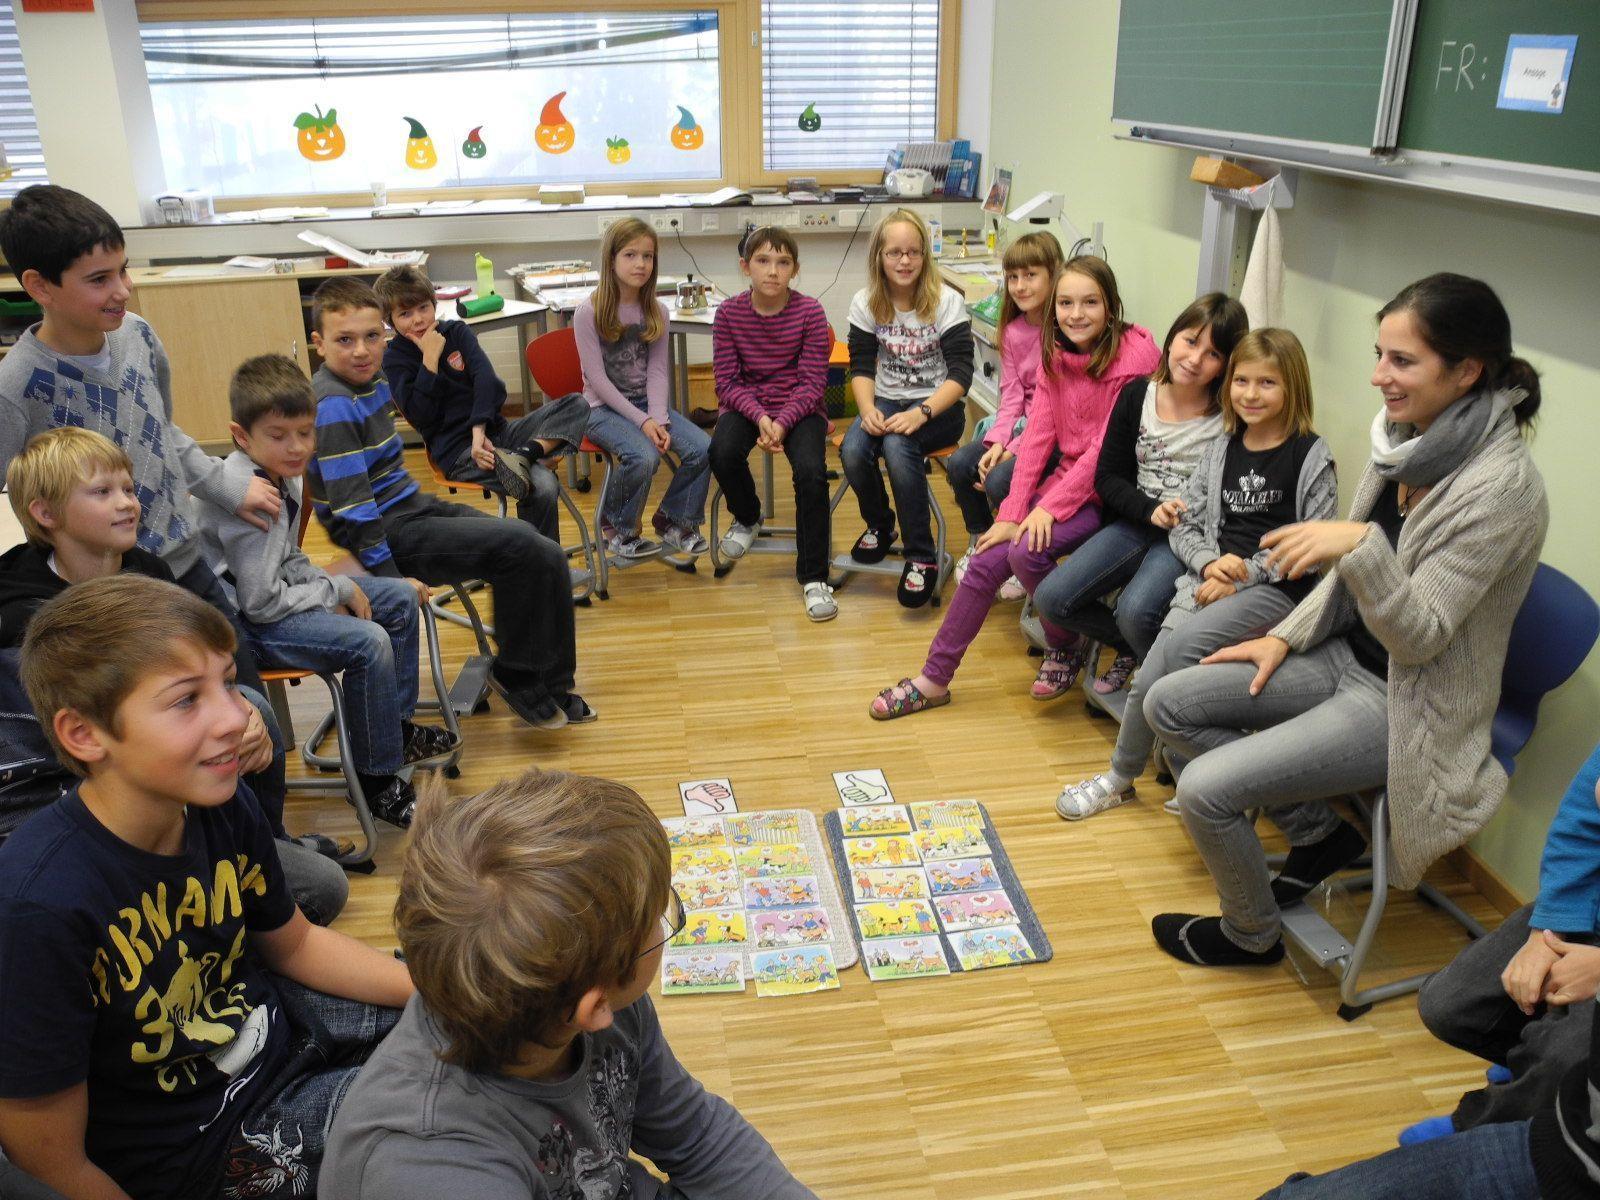 Die Klassenröume im Schulzentrum Oberaus sind im Durchschnitt 10 m² größer als vorgeschrieben